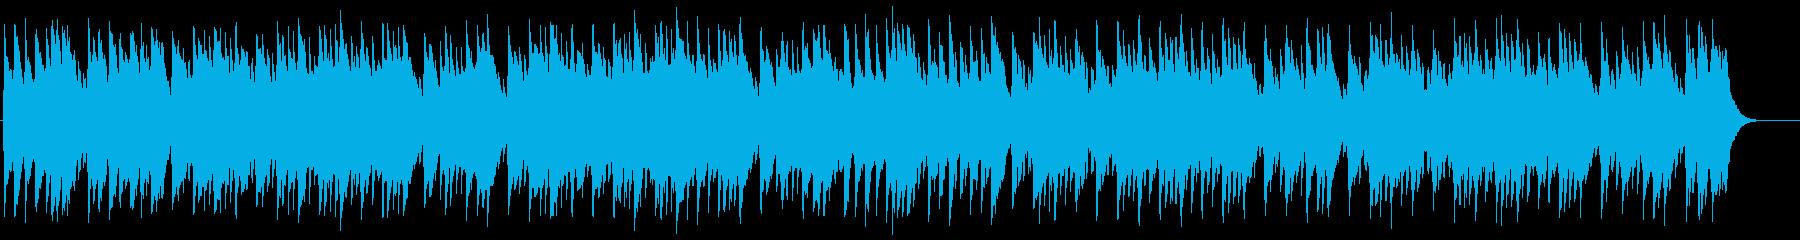 からだあそびのうた オルゴールの再生済みの波形